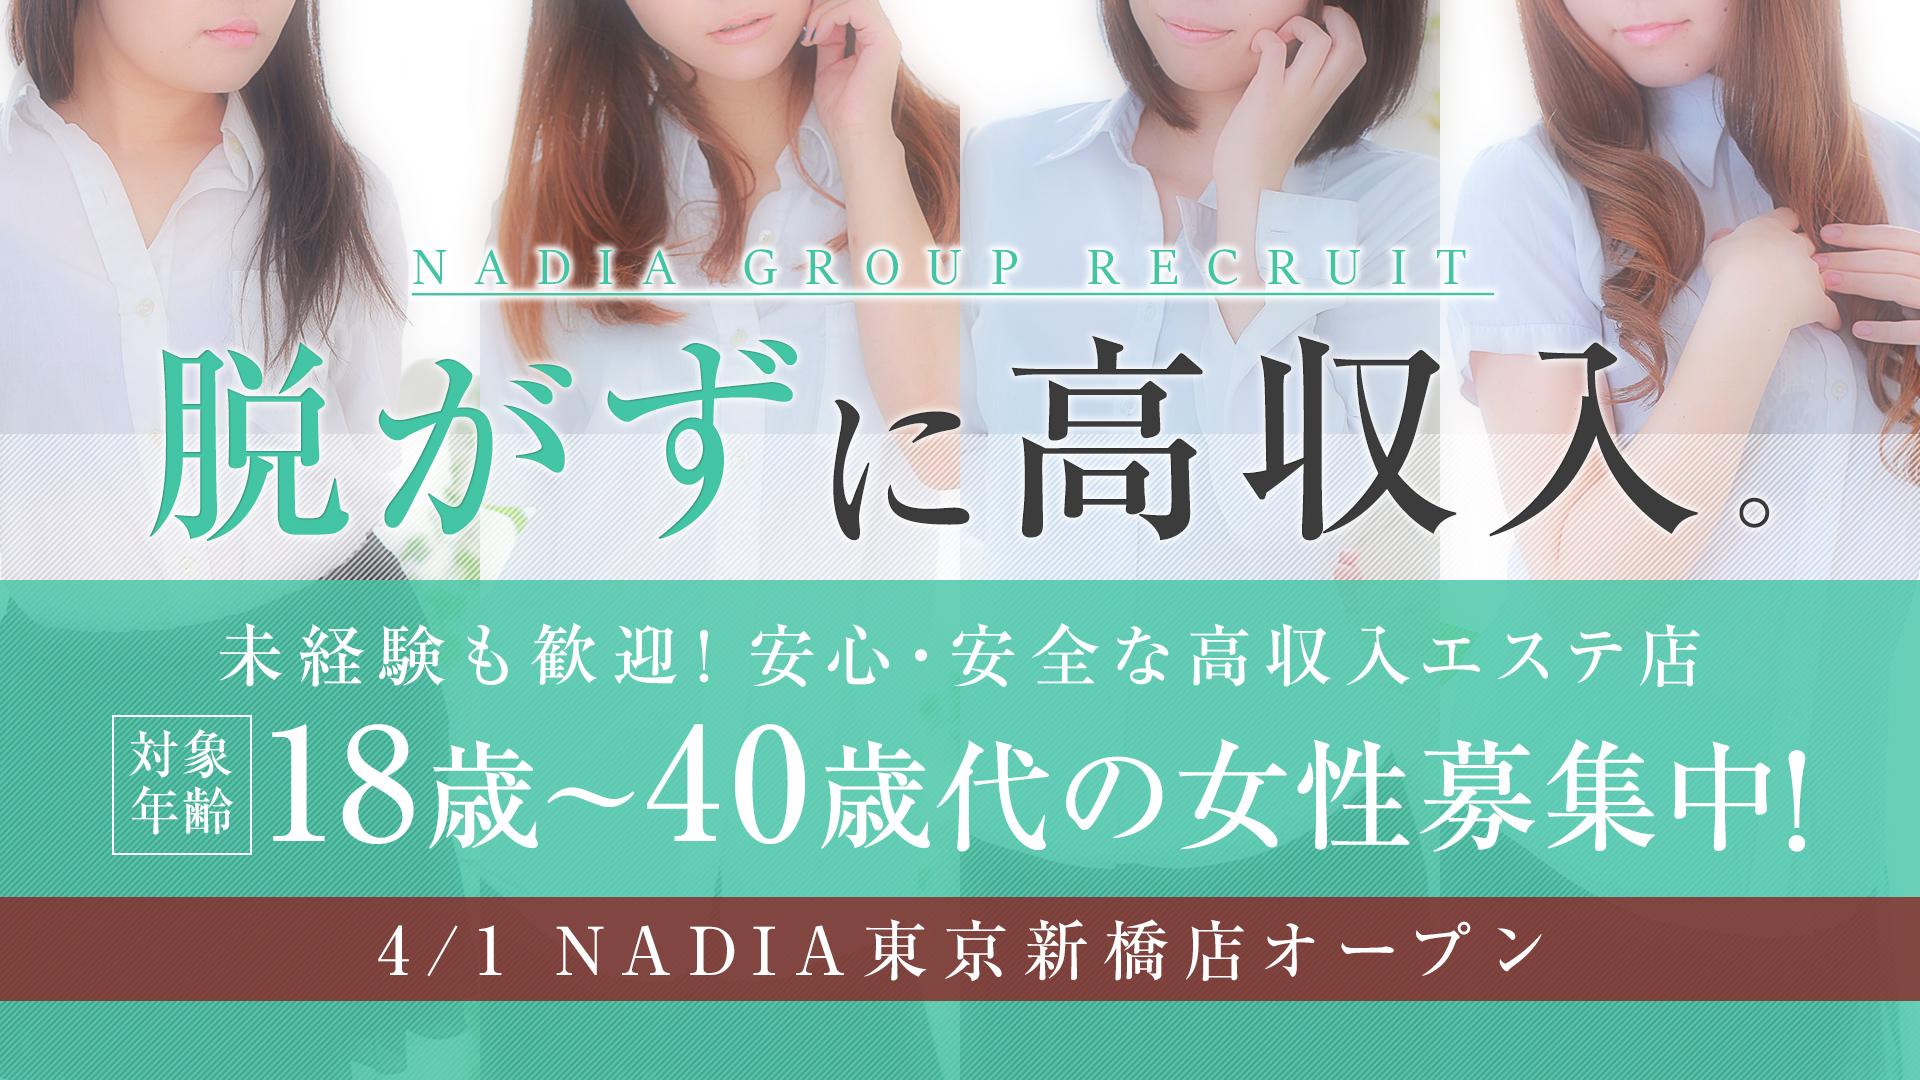 アロマエステ NADIA 神戸店の求人画像